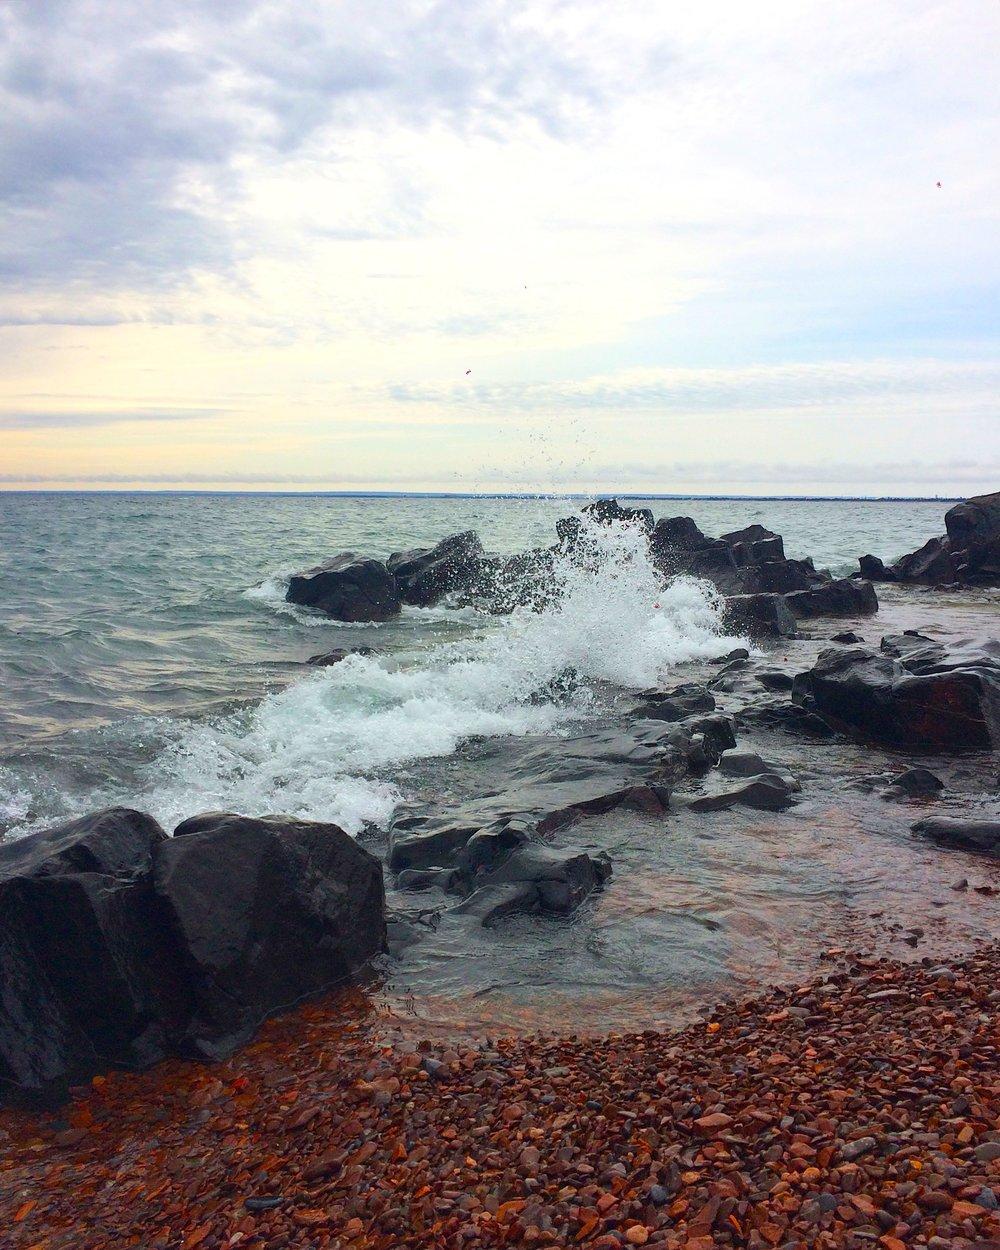 vikre_Lake Superior teal day.jpg